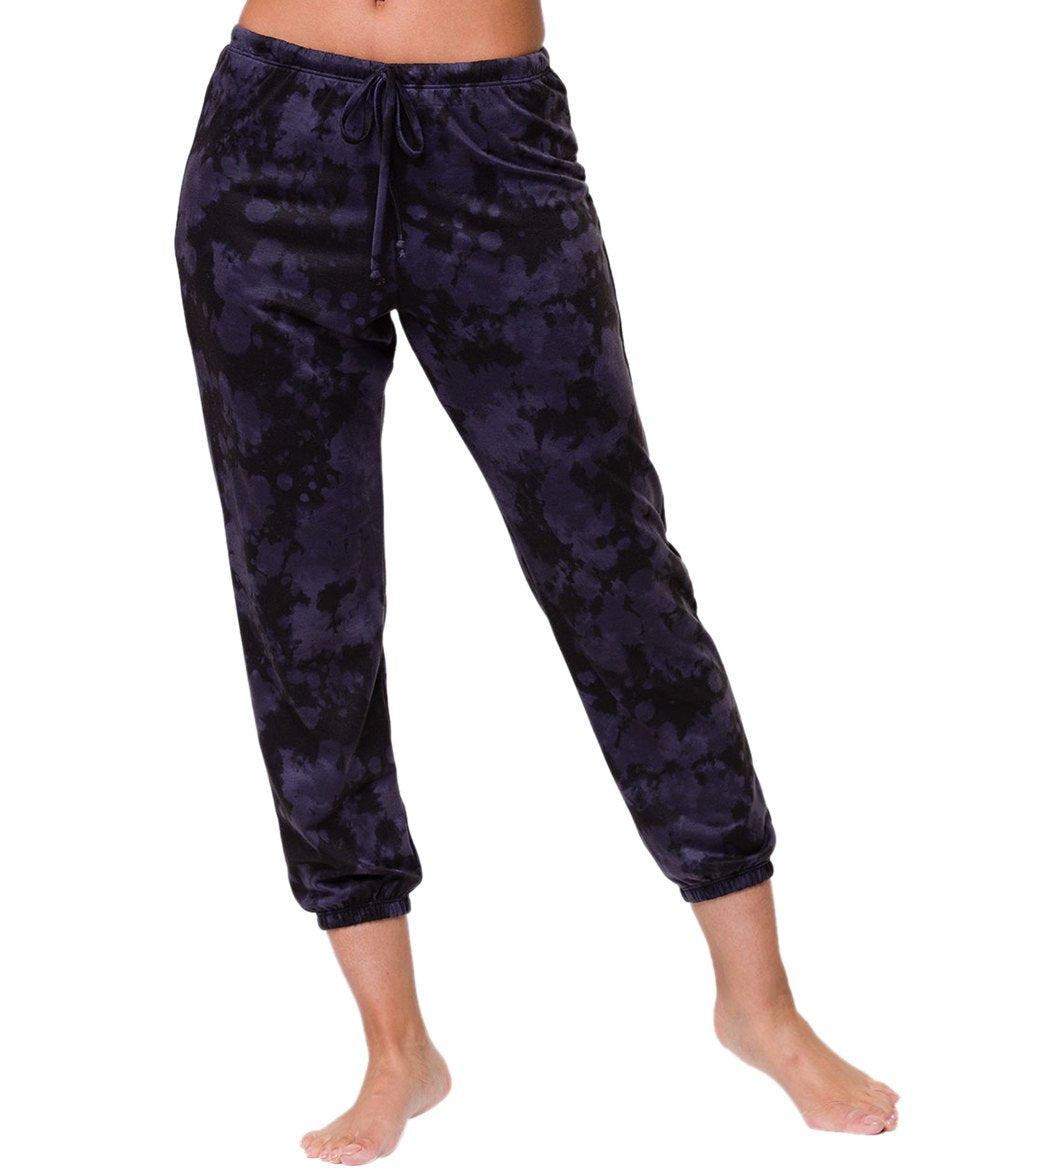 Onzie Women's Fleece Sweatpants - AMETHYST TIE DYE ML Spandex